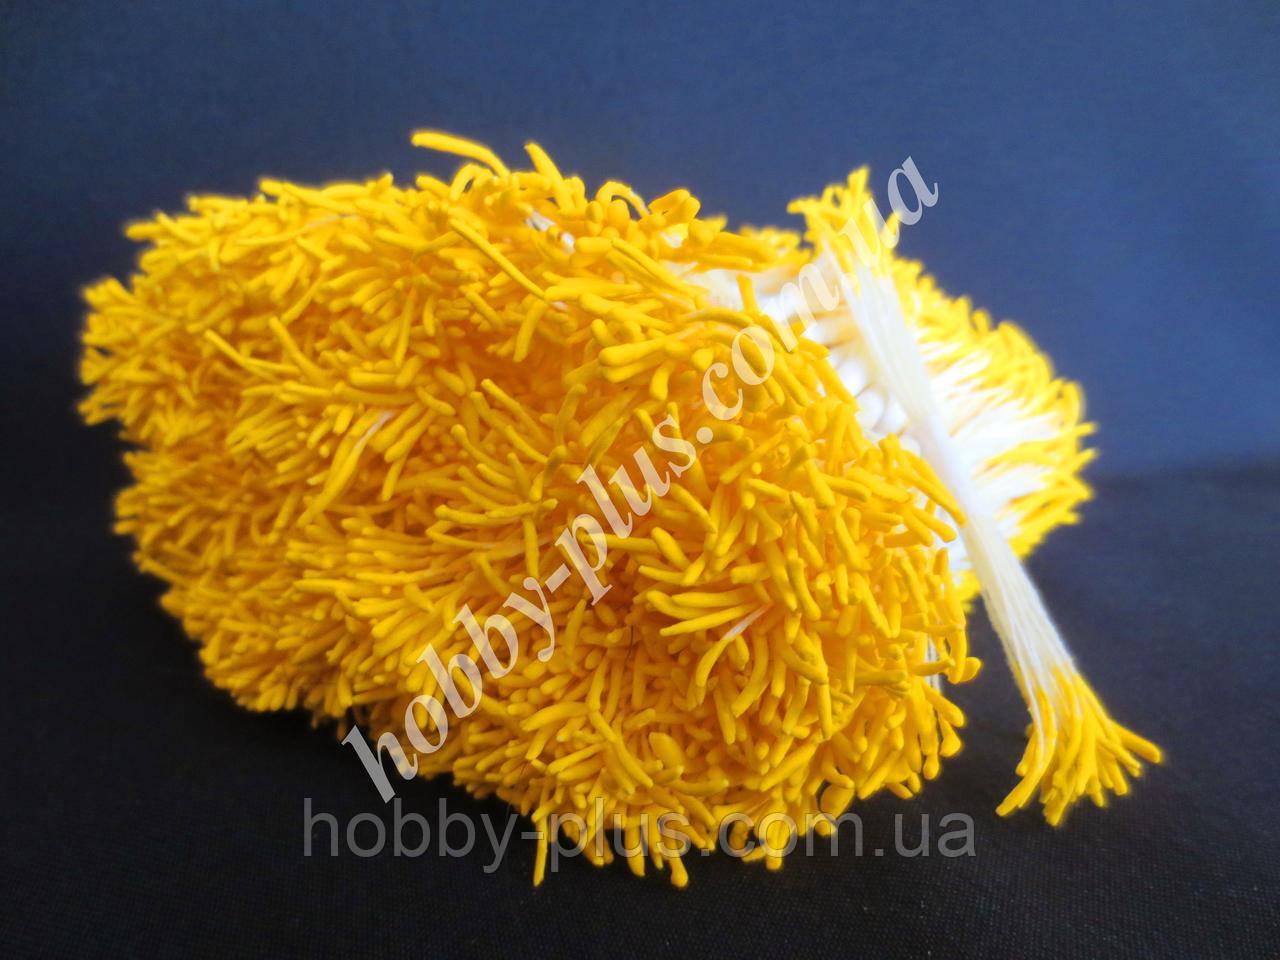 Тайские тычинки, ЖЕЛТЫЕ, удлиненные на светло-желтой нити, 23-25 нитей, 50 головок